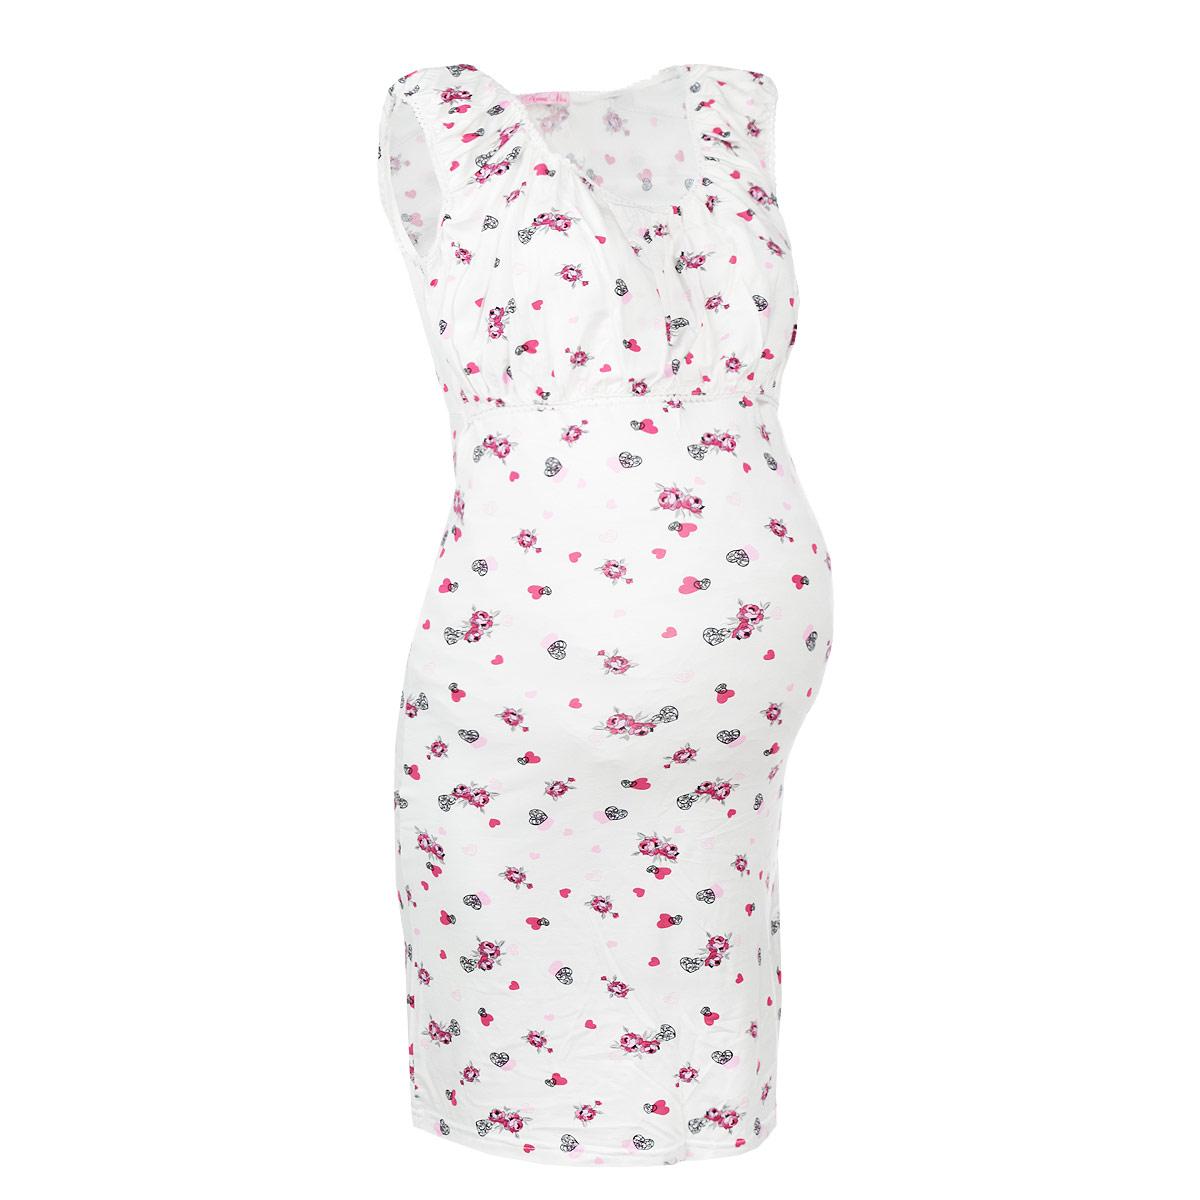 Ночная рубашка602.1Элегантная сорочка для беременных и кормящих мам Nuova Vita Mamma Perfetta, изготовленная из очень приятного материала качества суприм-вискоза, оформлена нежным принтом и ажурной резинкой по горловине, линии груди и на рукавах. Молодая мамочка будет выглядеть красиво и женственно в этот важный период. Аккуратная сорочка с завышенной линией талии имеет легкий доступ к груди для комфортного кормления малыша, а так же максимального удобства ночных кормлений. Изделие приятно к телу, сохраняет тепло в холодное время года и дарит прохладу в теплое, позволяет коже дышать. Великолепный выбор на каждый день.